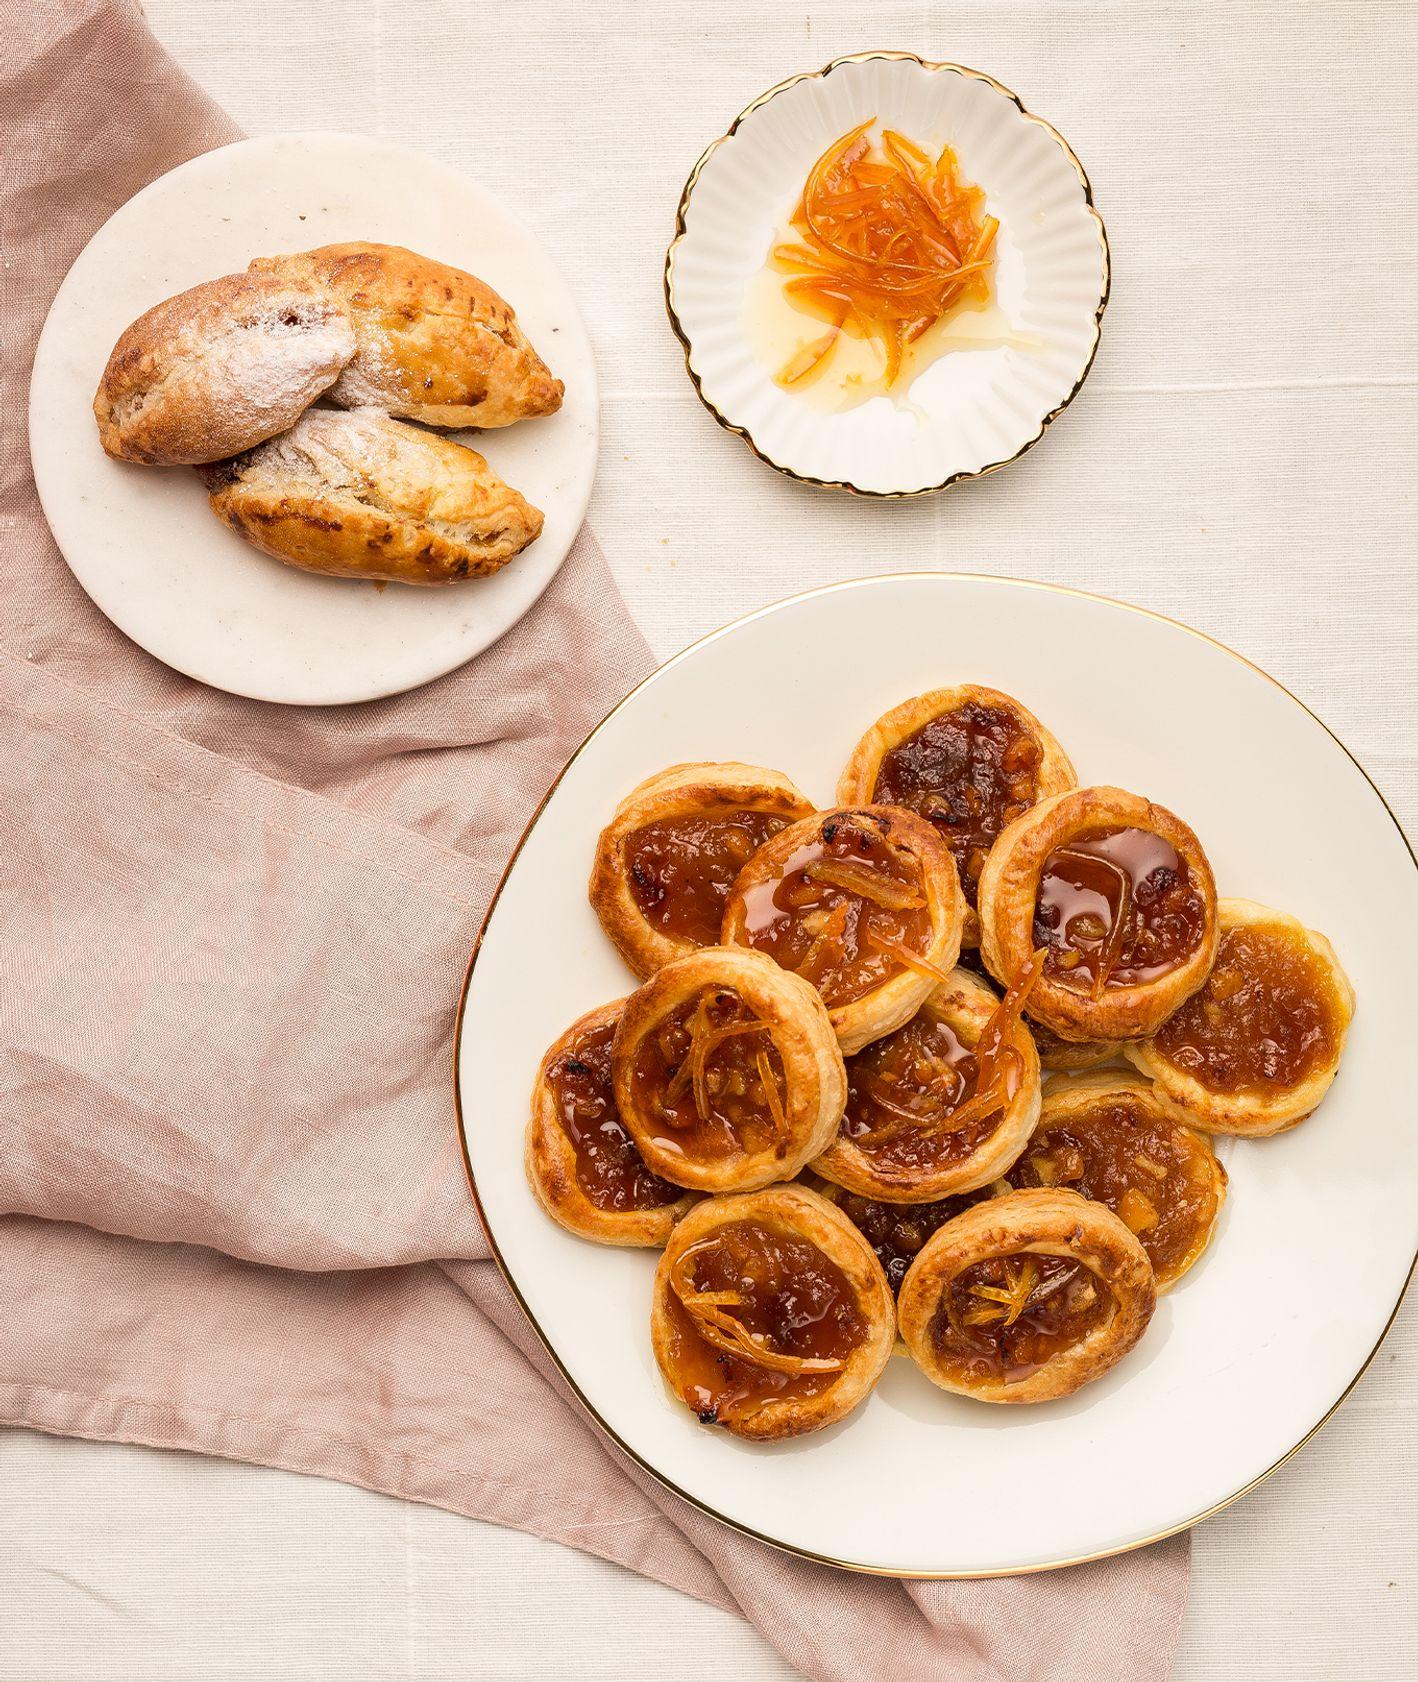 Jak przygotować ciasteczka z nadzieniem jabłkowym. Przepis na karmelowe ciasteczka z jabłkami (fot. dinnershow.studio)